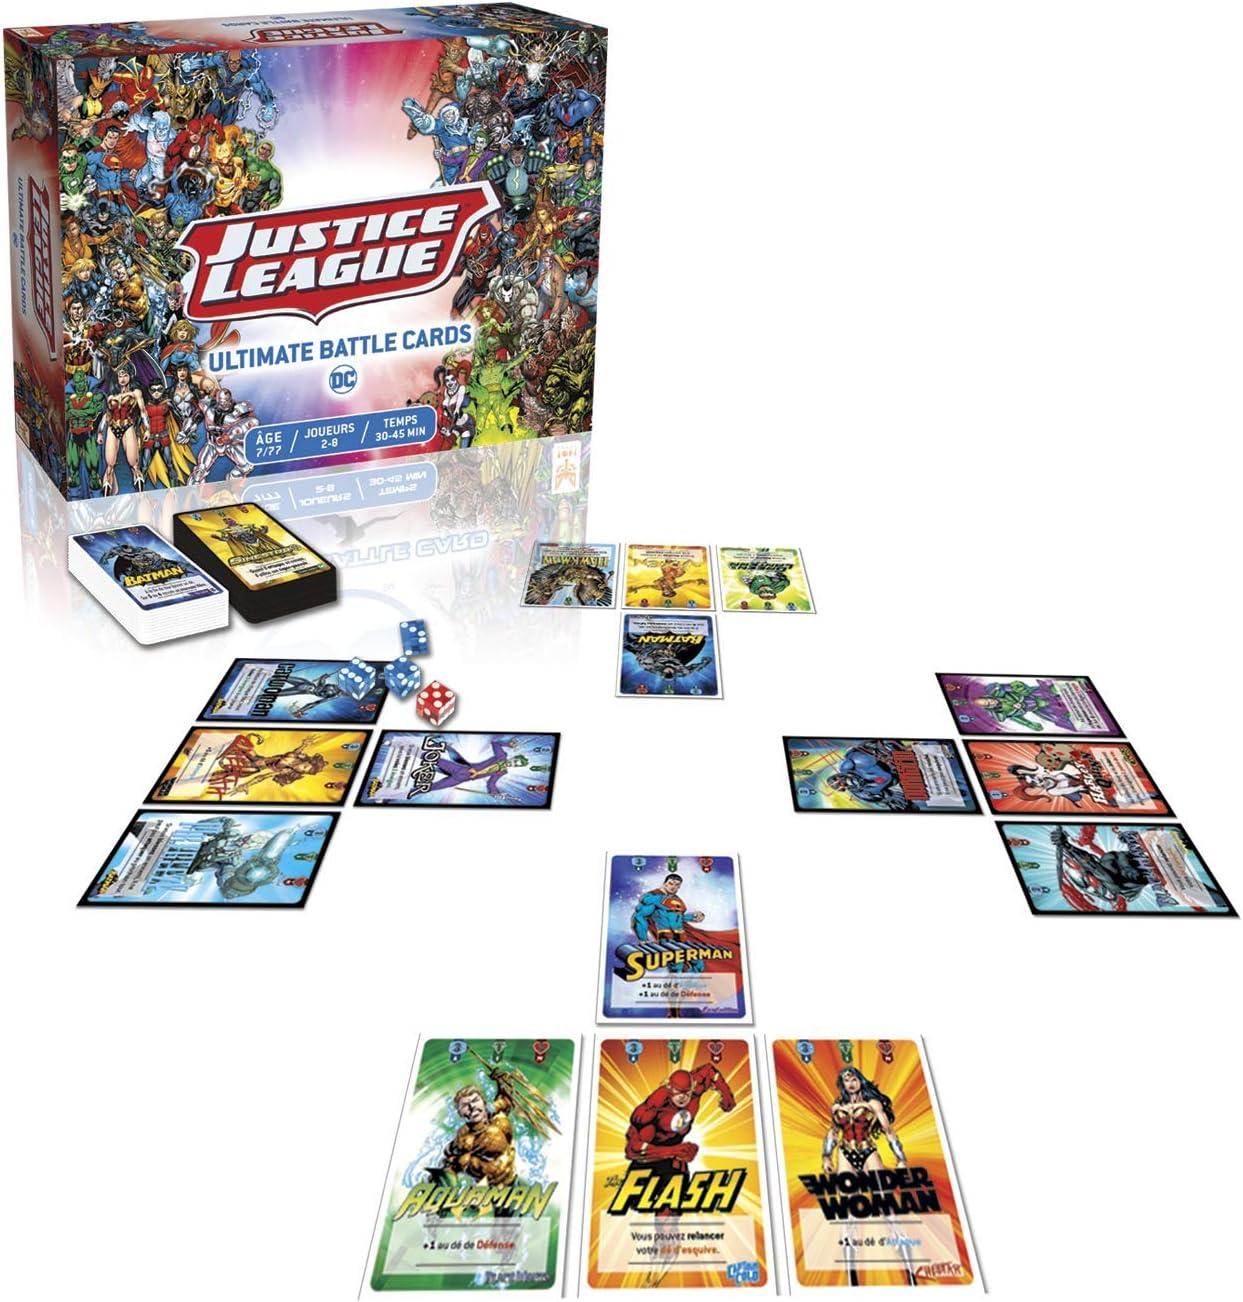 Topi Games juegos de tablero, dc-wb-579002, azul, color blanco, negro, rojo: Amazon.es: Juguetes y juegos